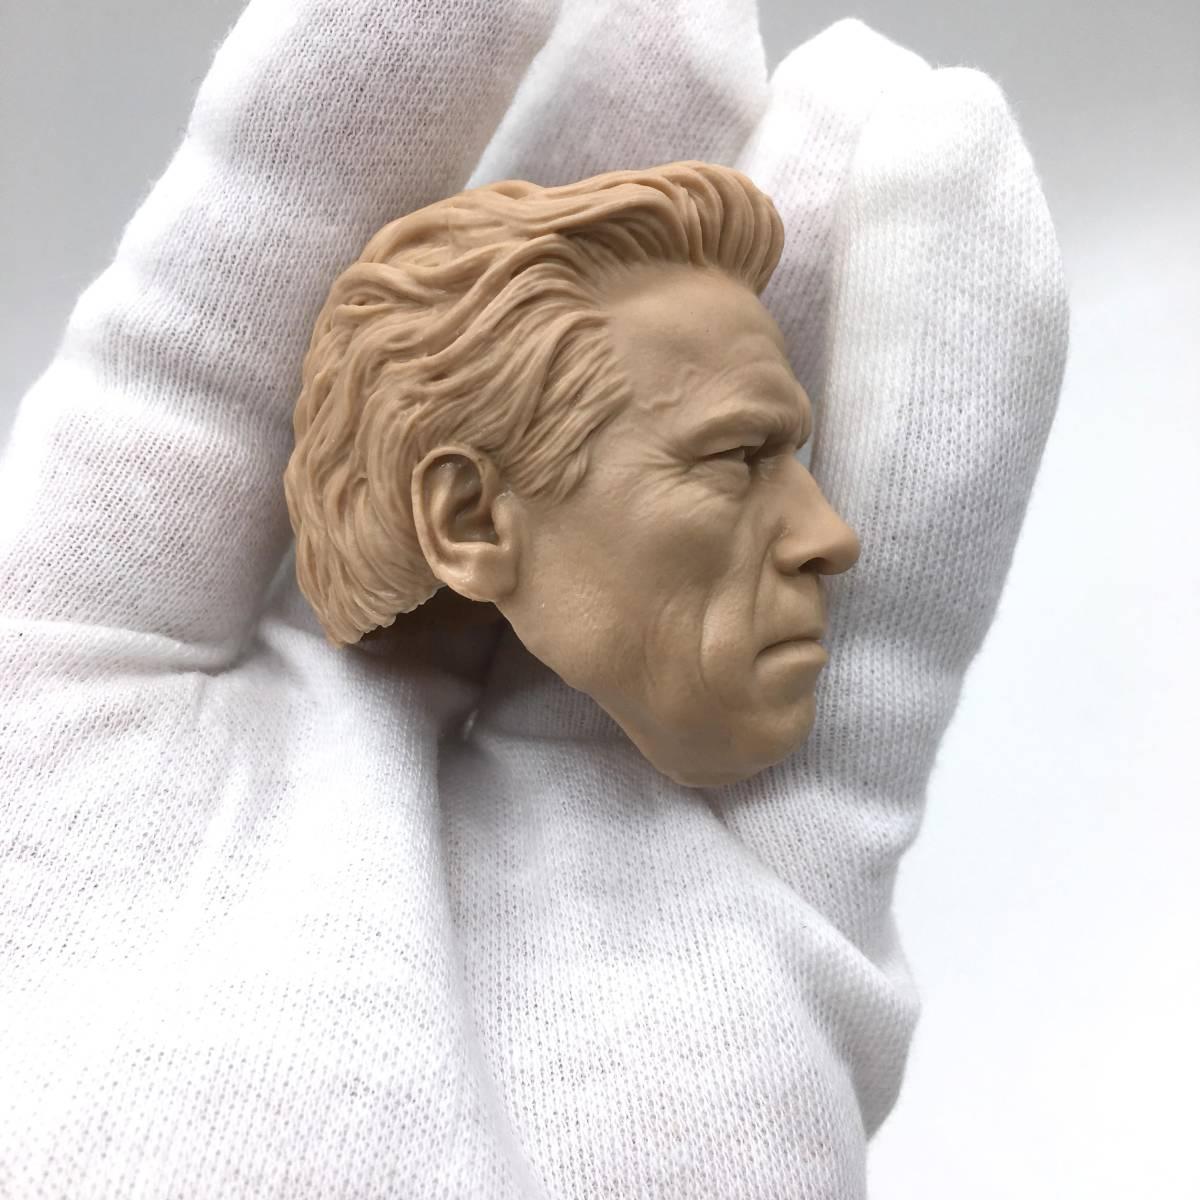 送料無料 1/6 DIY ヘッド 手作り 未塗装男性ヘッド アーノルド・シュワルツェネッガー -a 番号B35_画像2